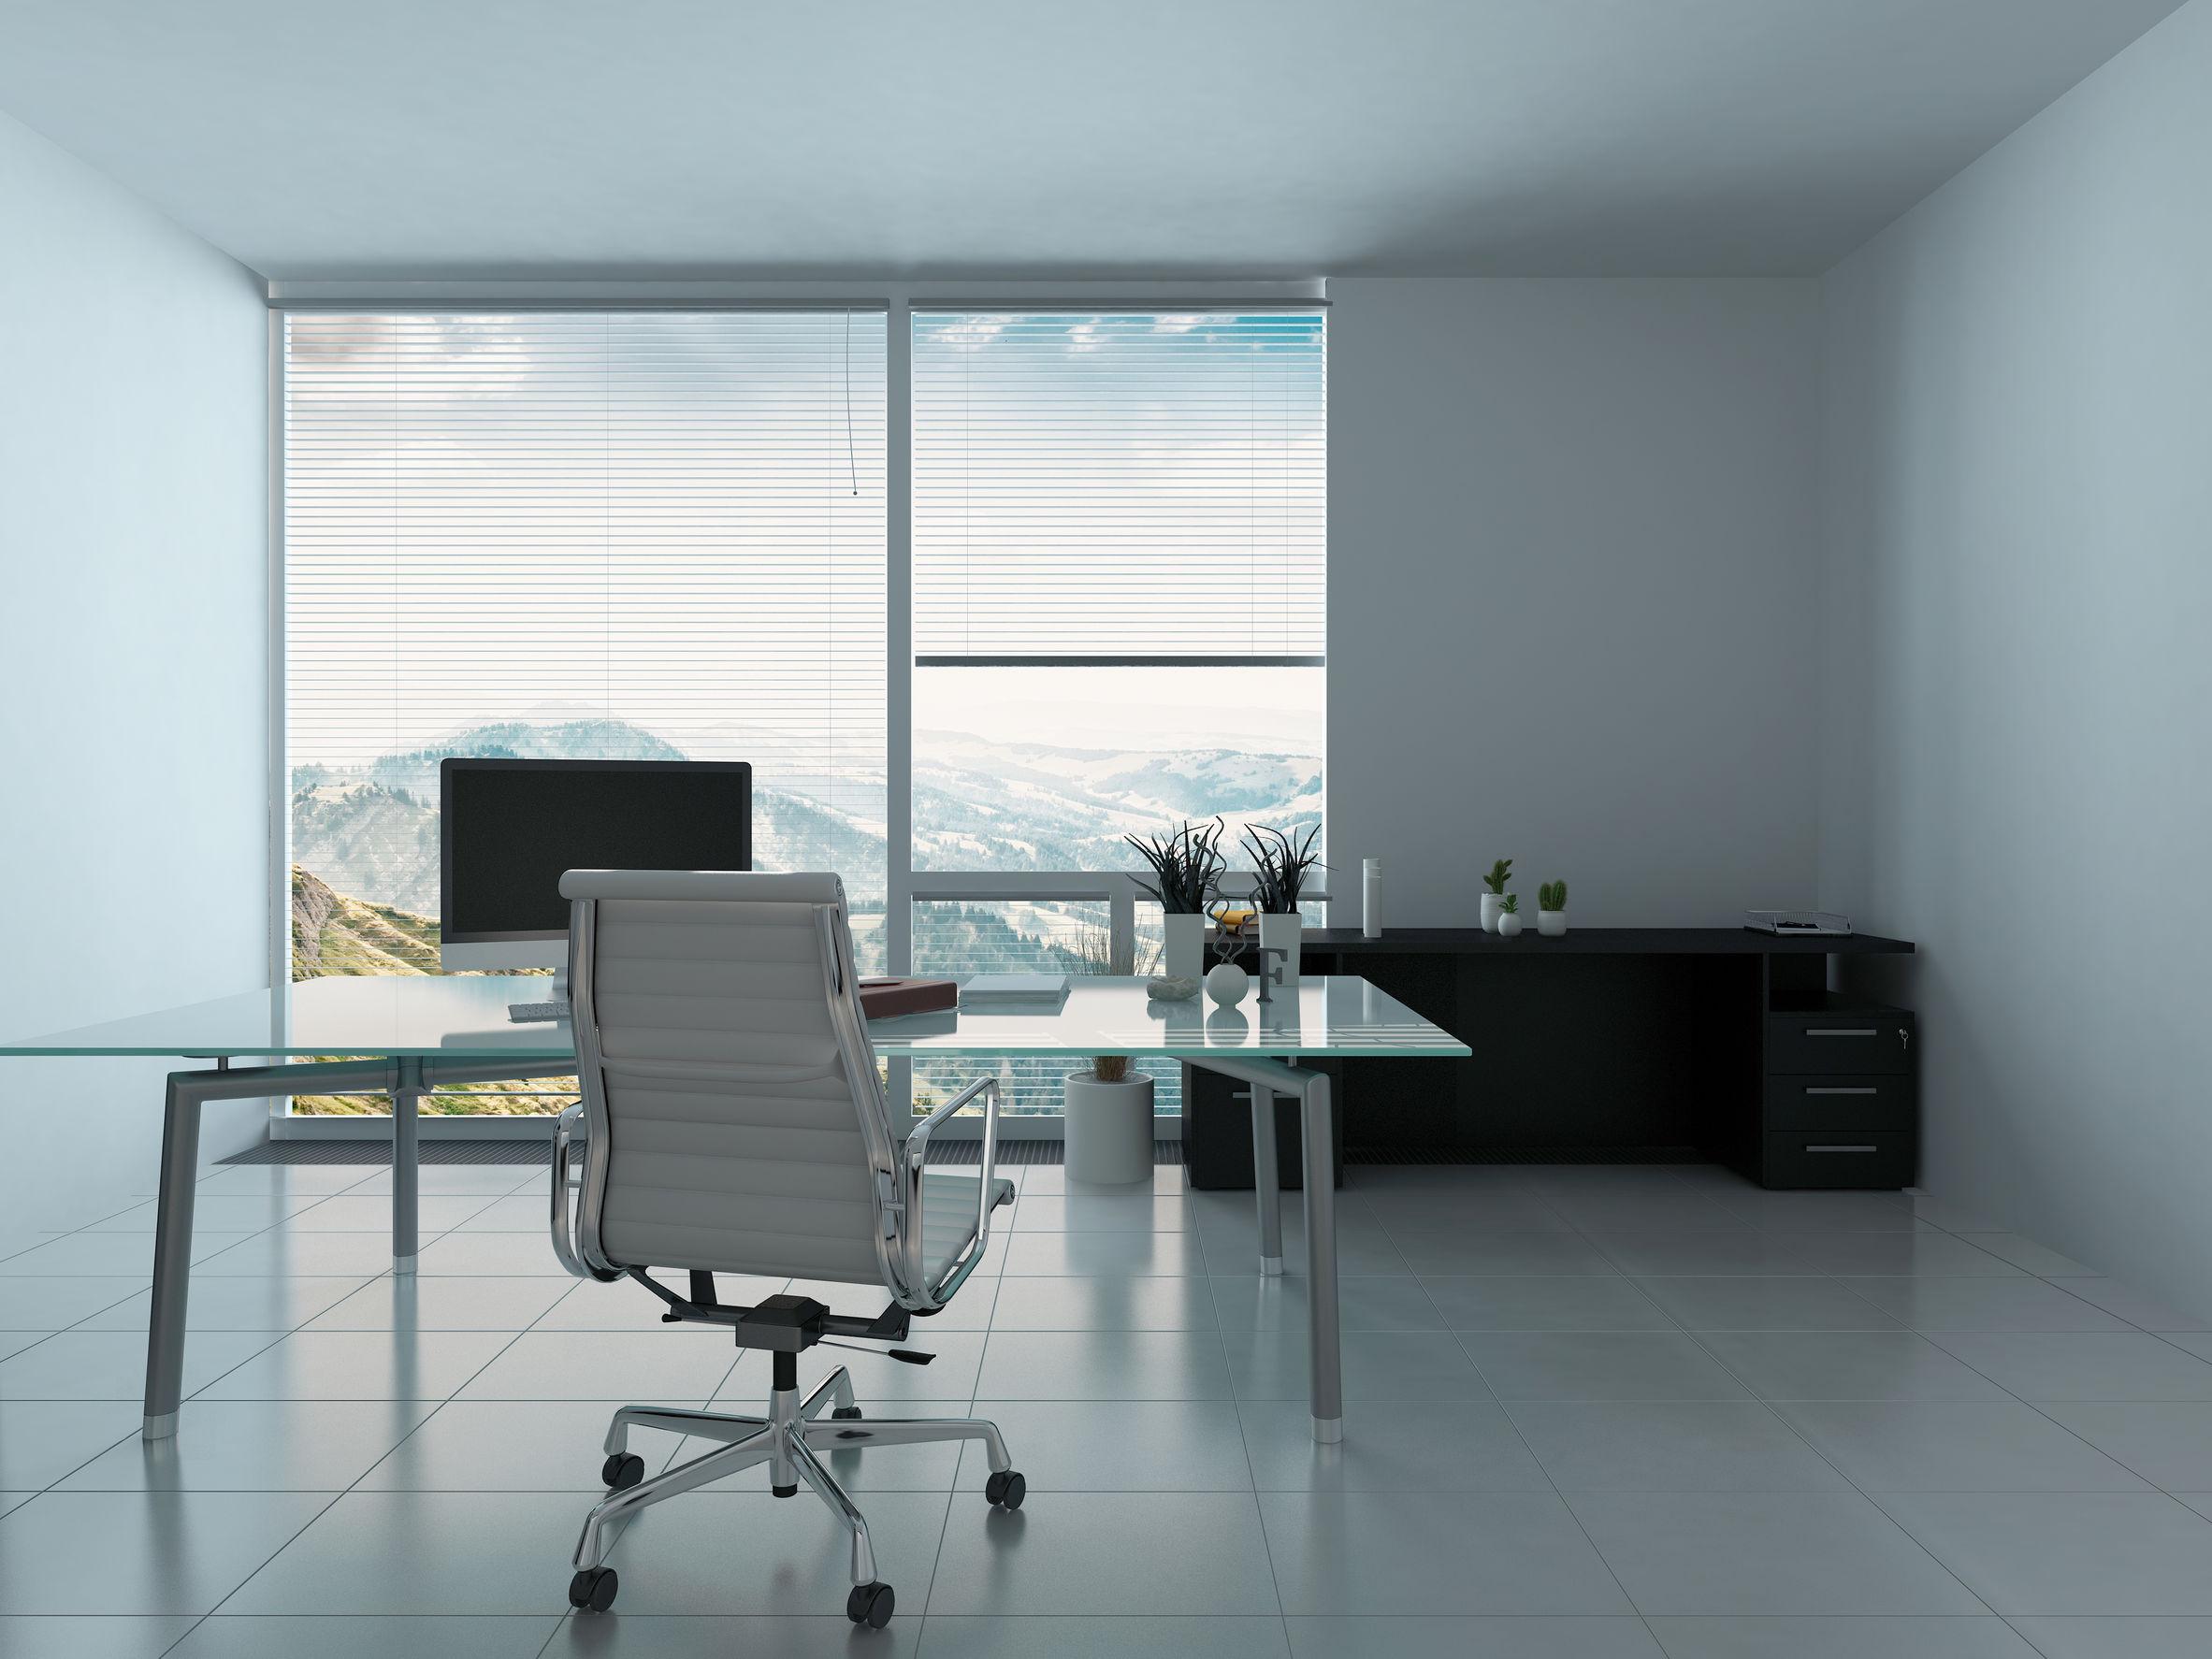 Miglior sedia ergonomica 2021: Guida all'acquisto